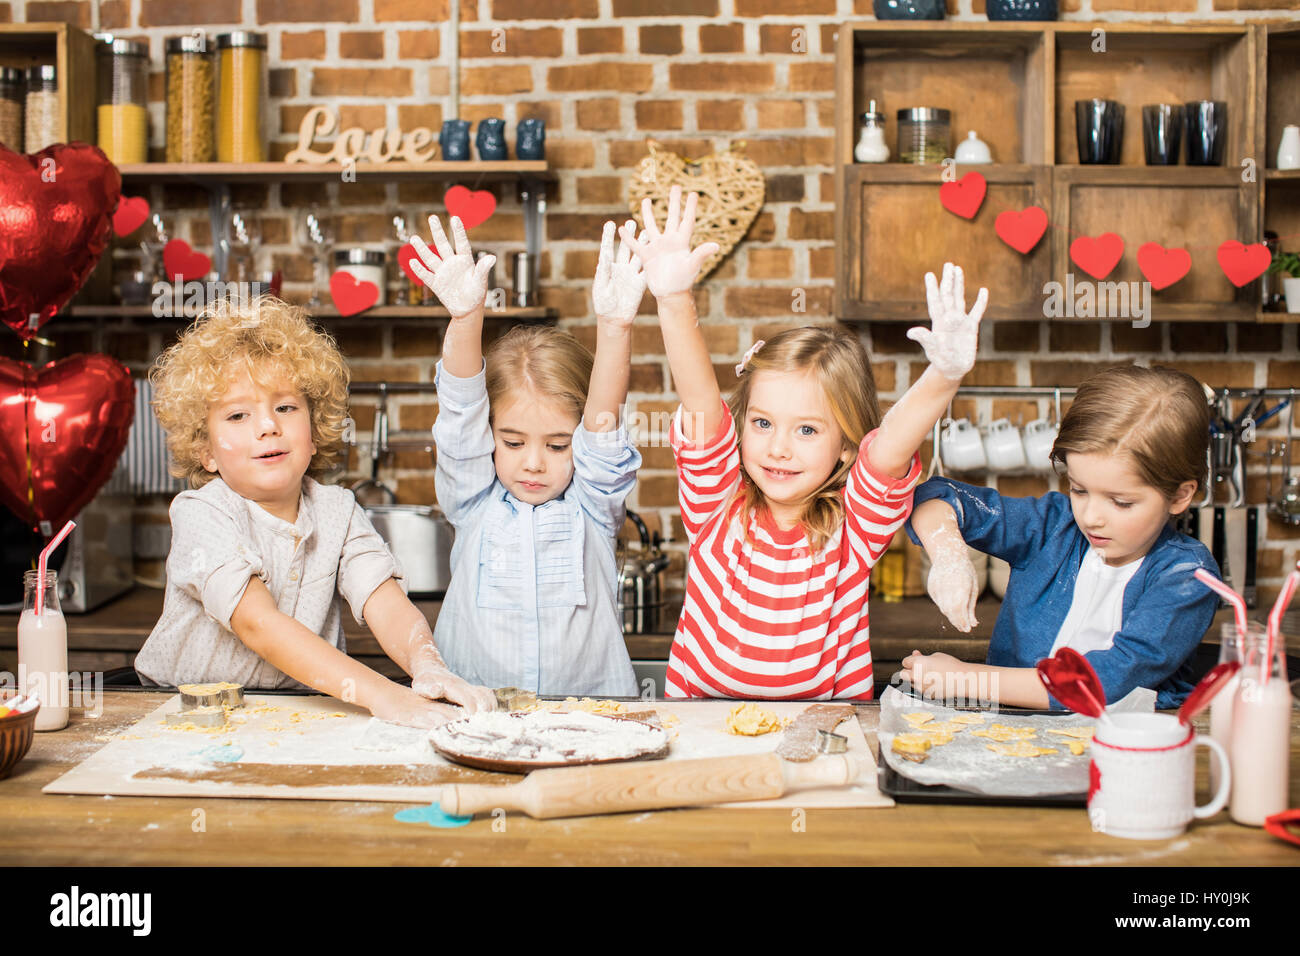 Cuatro niños pequeño y lindo cocinar galletas y mostrando las manos en harina Imagen De Stock